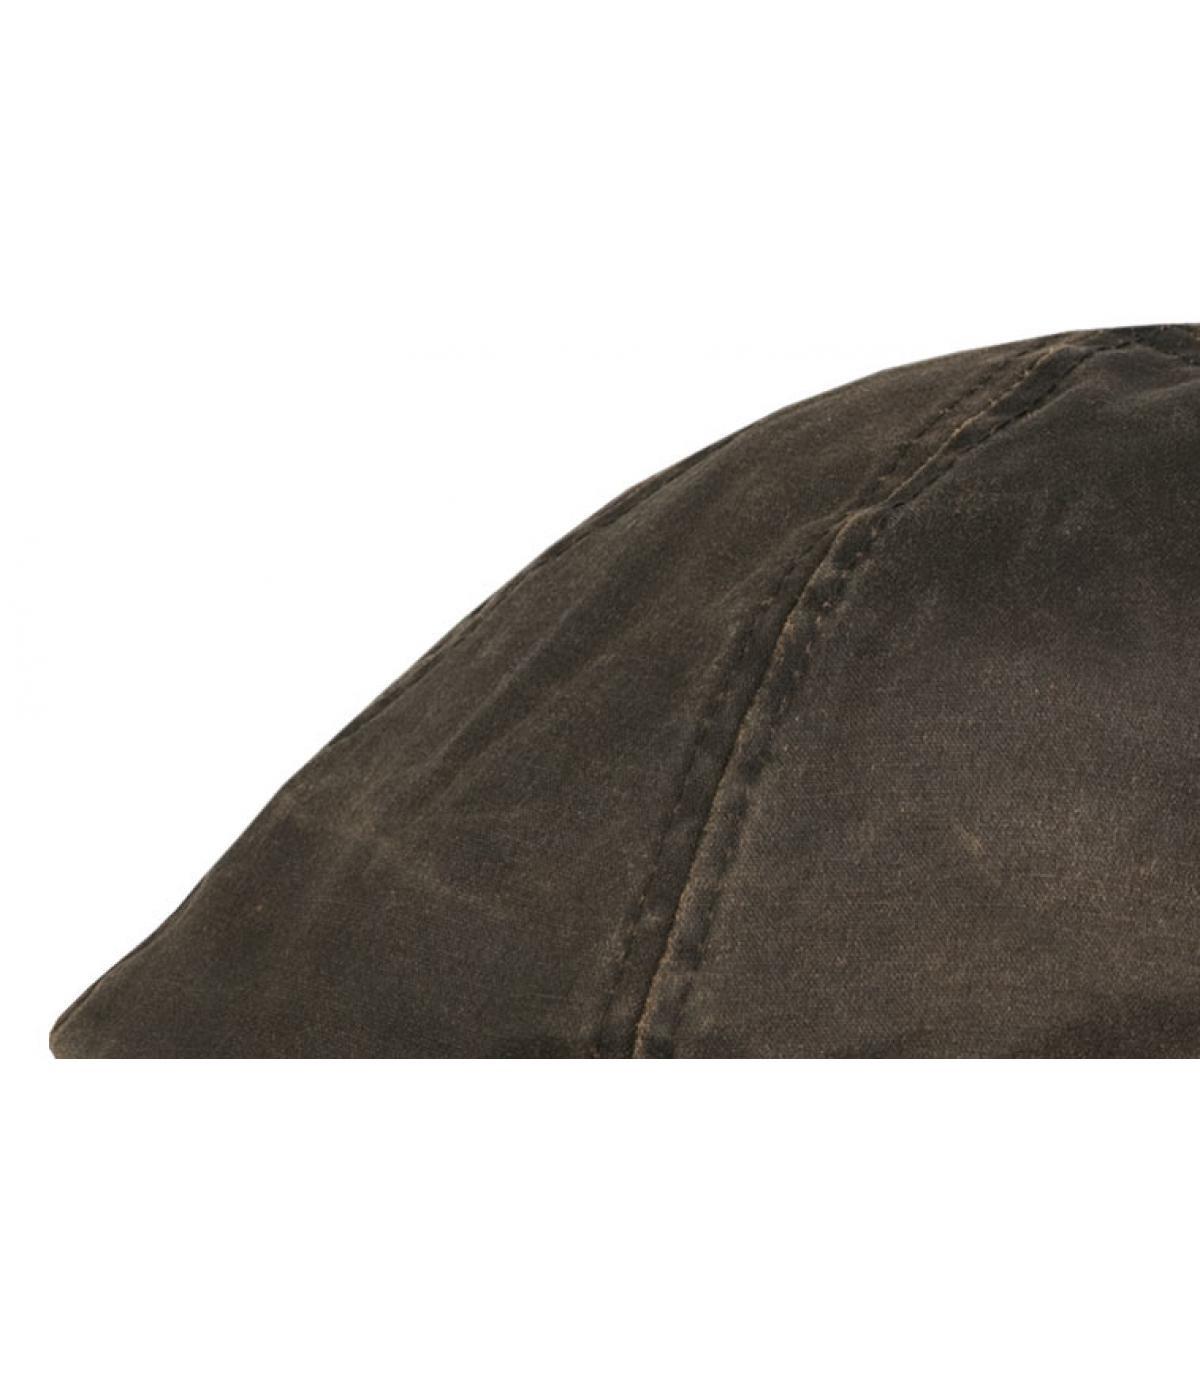 duckbill cap stetson